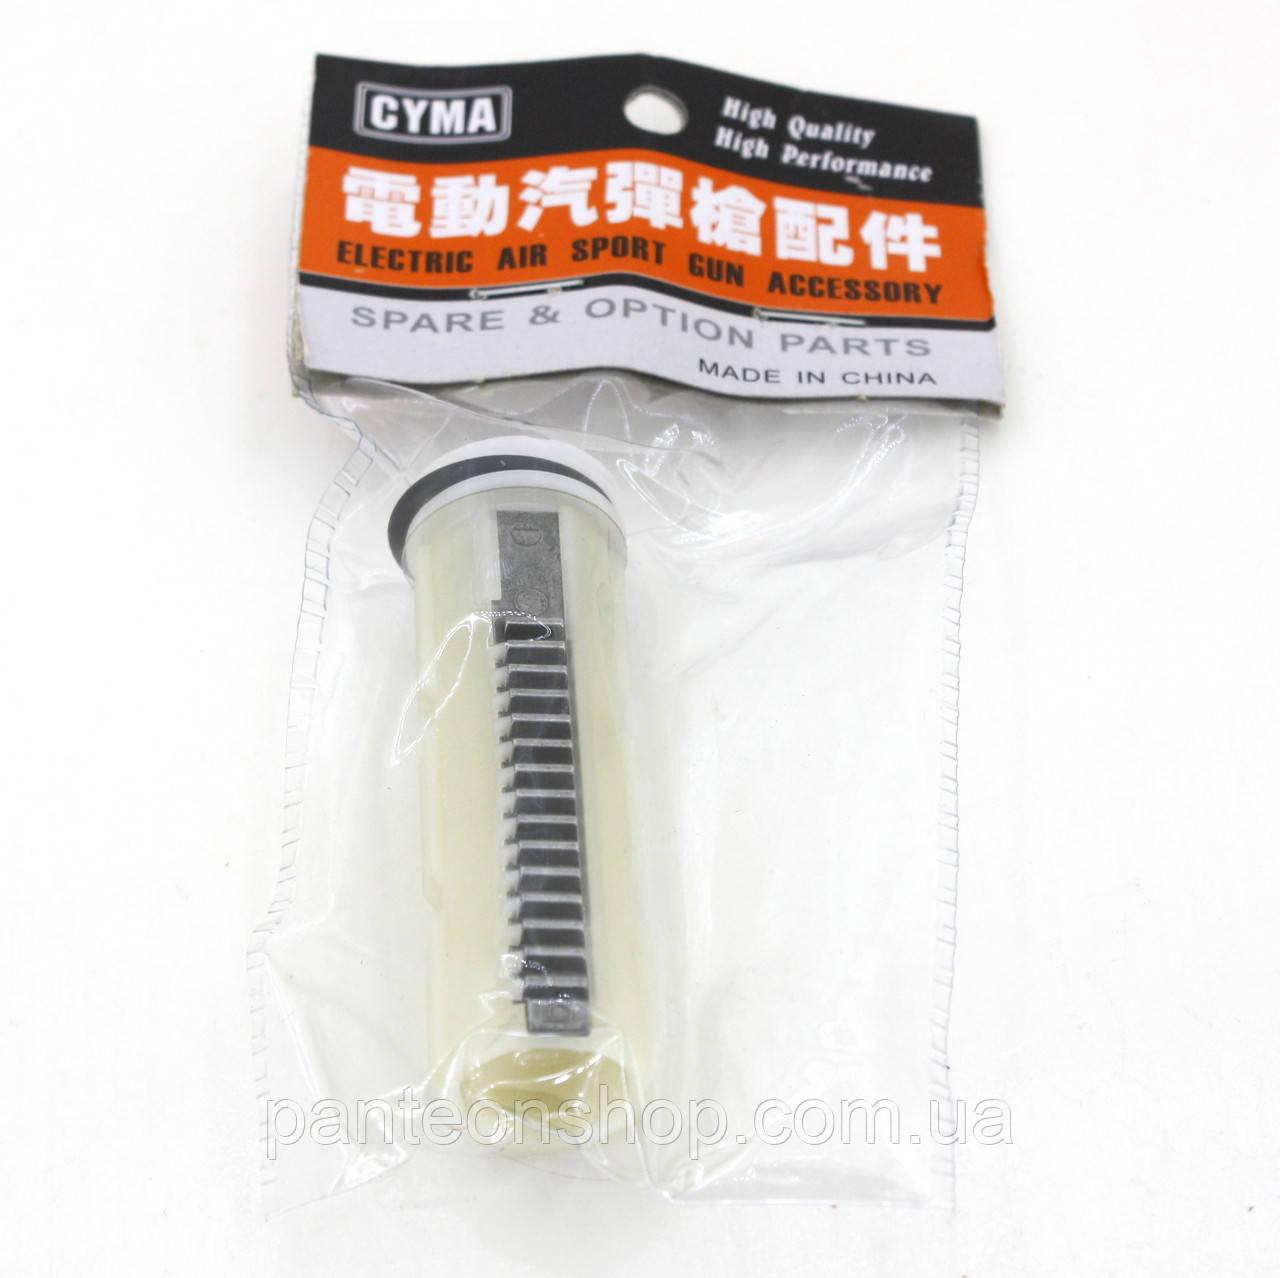 Cyma поршень 15 стальних зубів з головою поршня